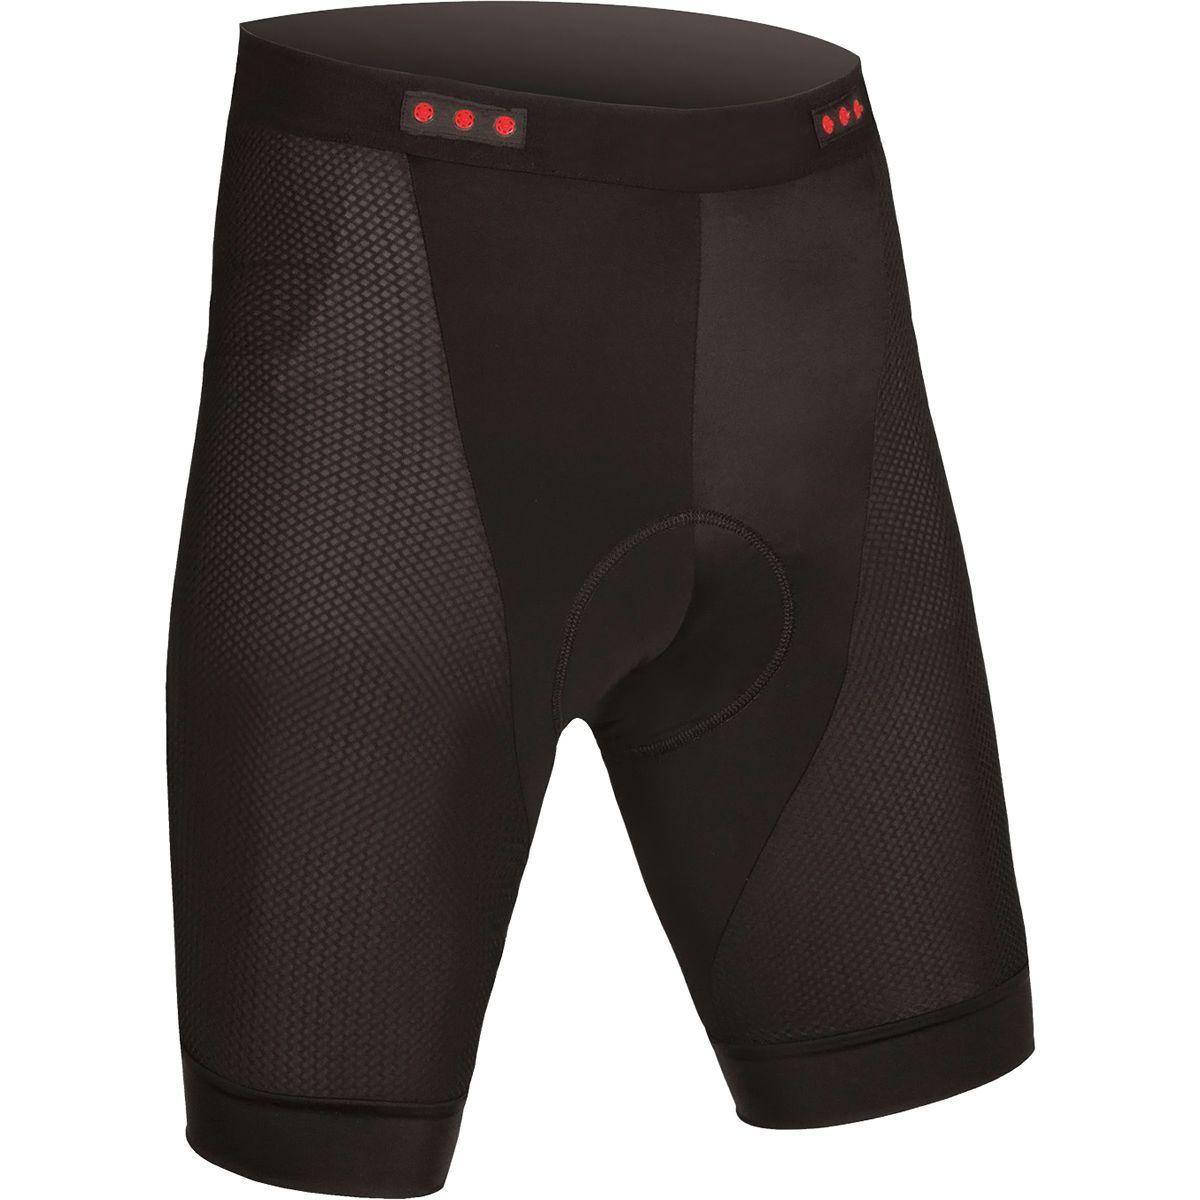 Endura SingleTrack Liner Short - Men's